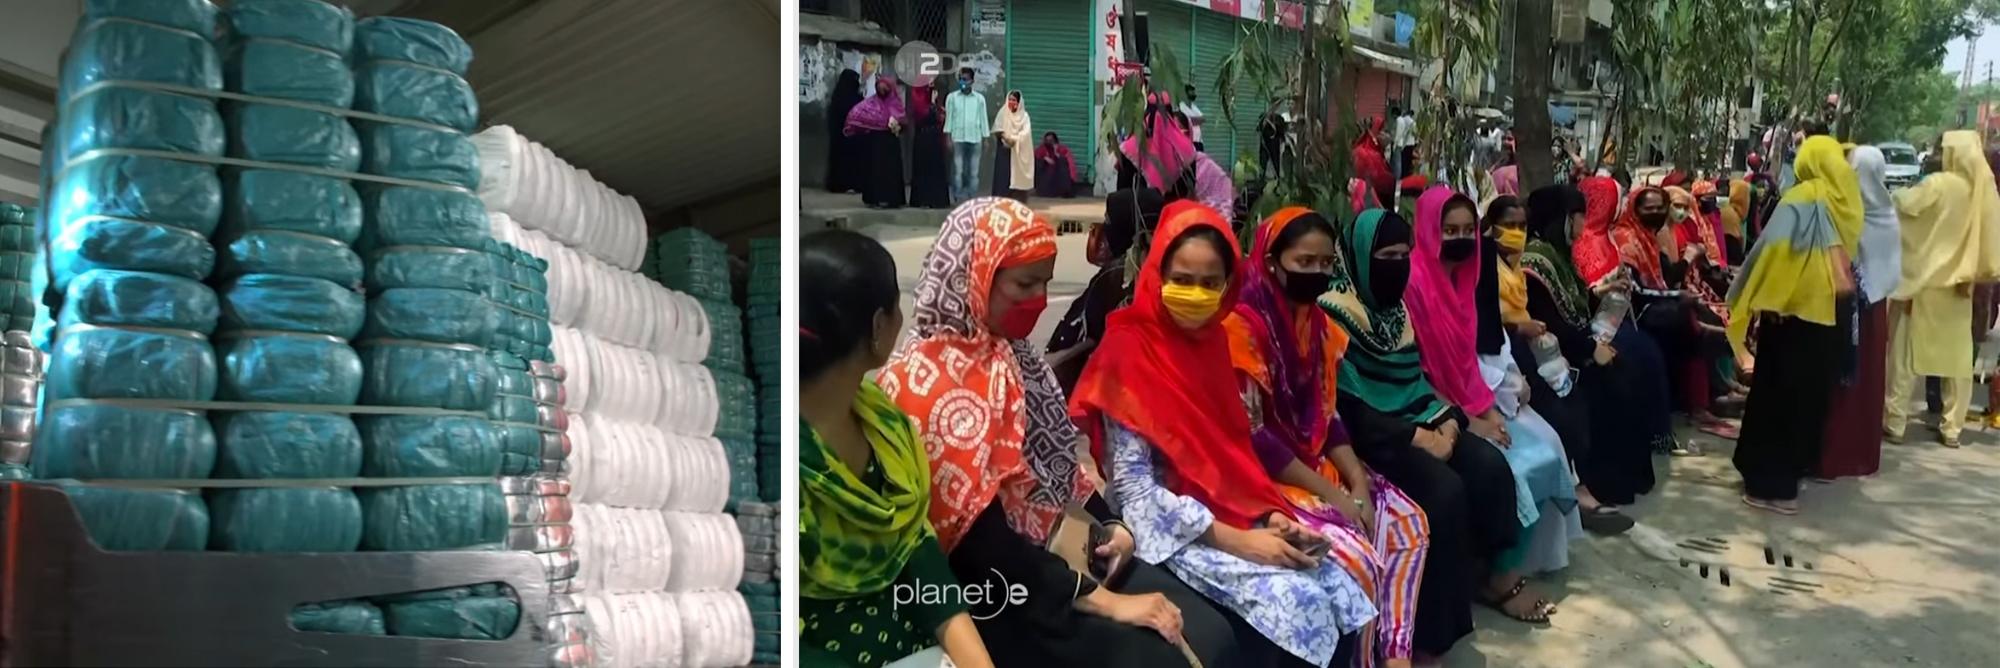 Pandemie: Wie die Modebranche leidet.